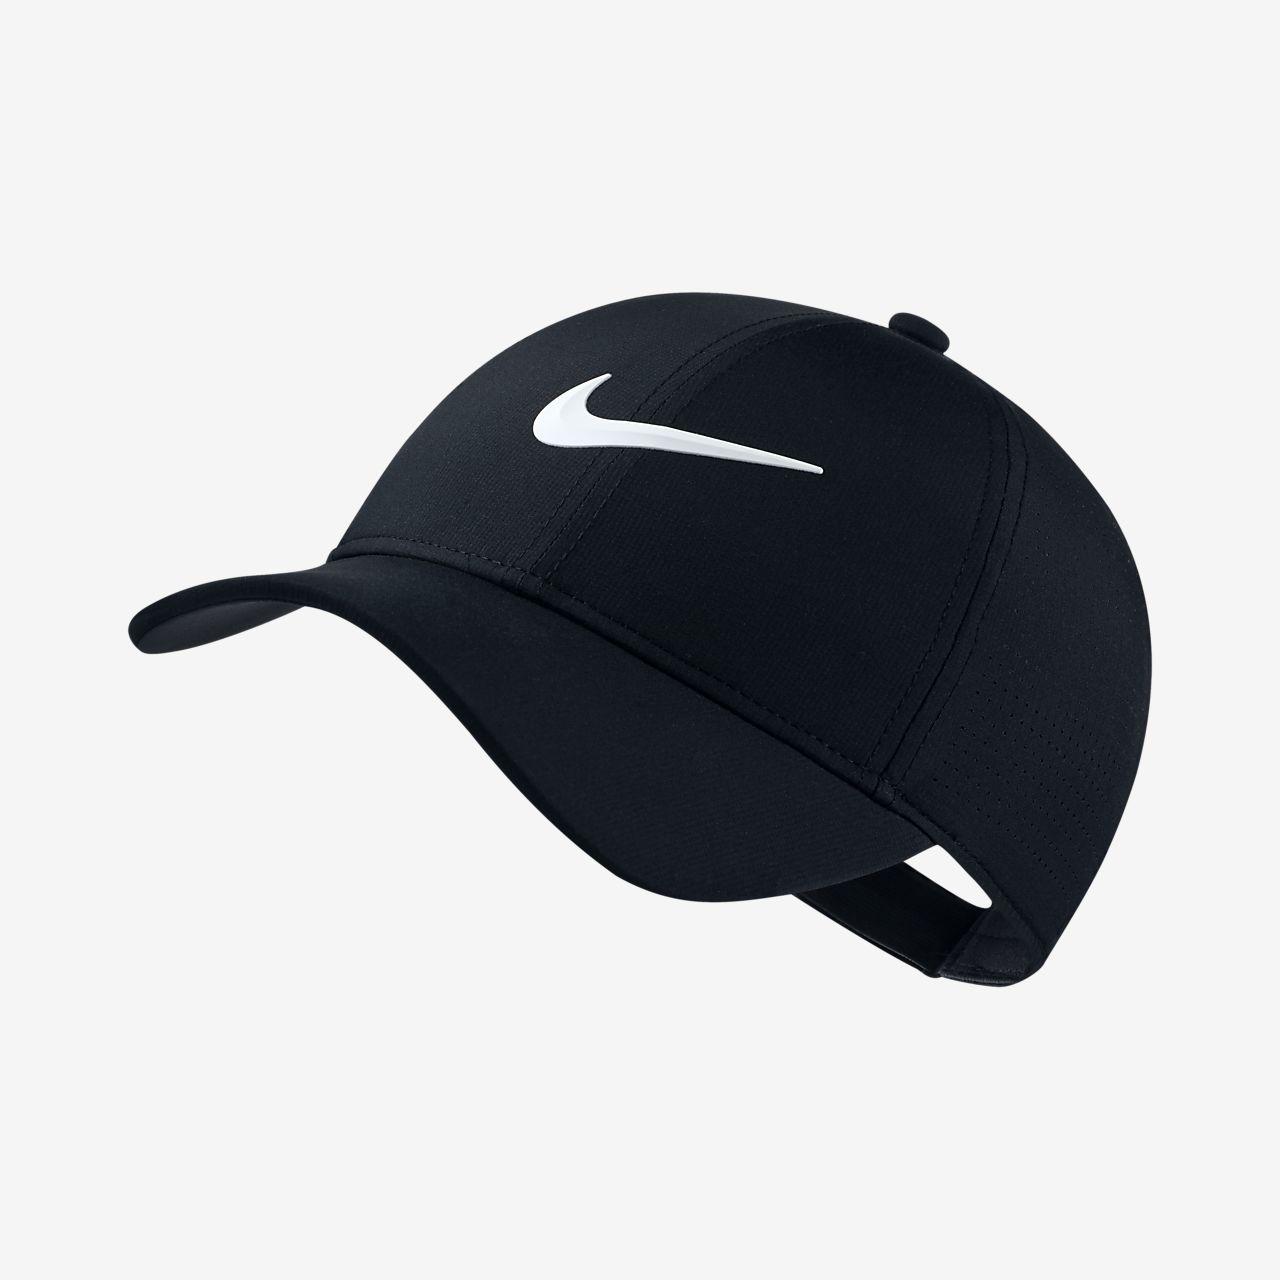 หมวกกอล์ฟผู้หญิง Nike AeroBill Legacy91